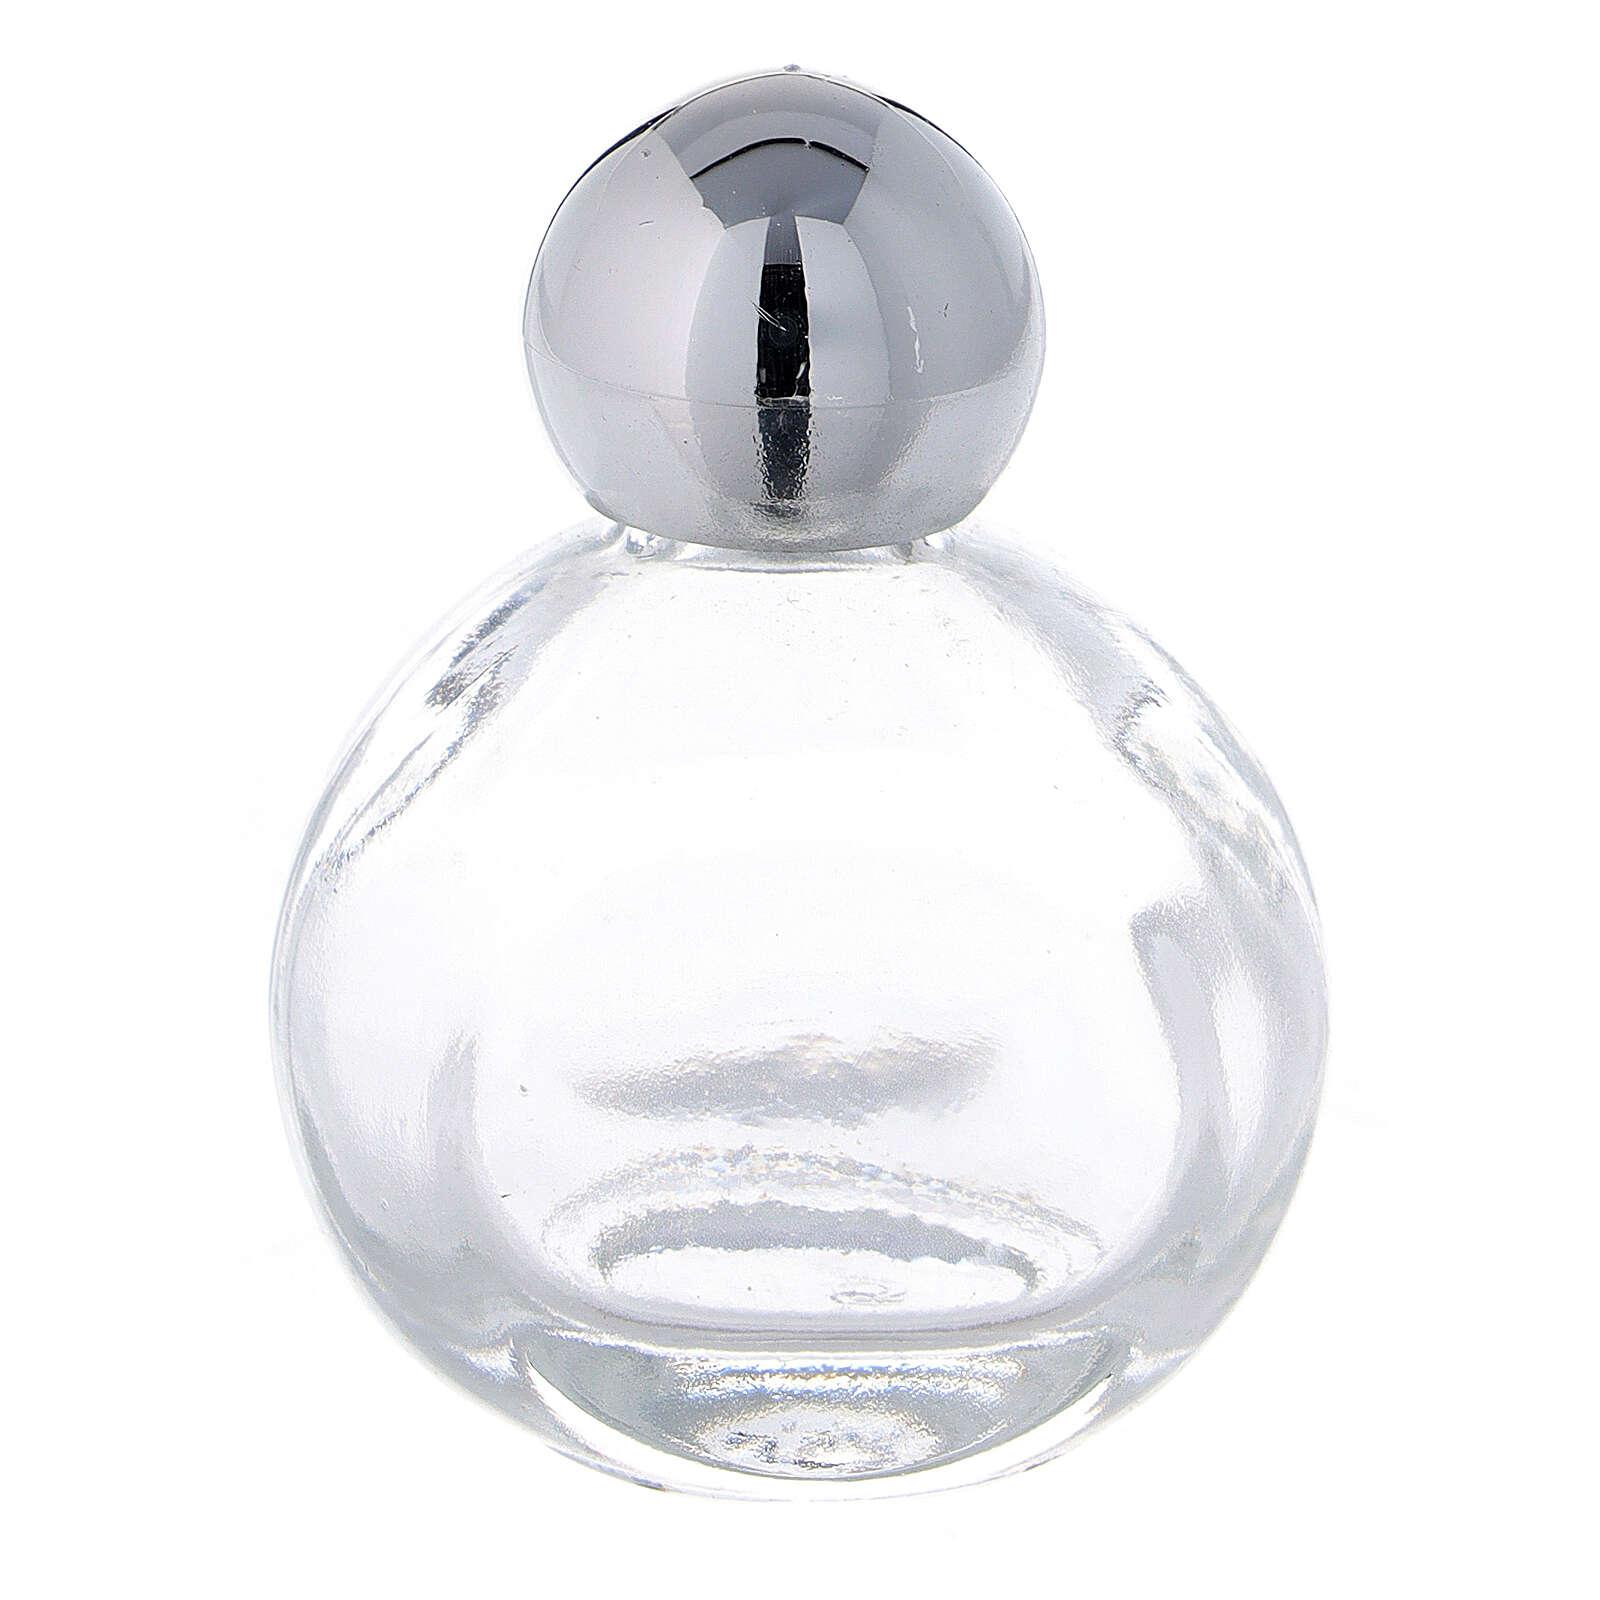 Bottiglietta acquasanta 15 ml vetro tappo argentato (CONF. 50 PZ) 3